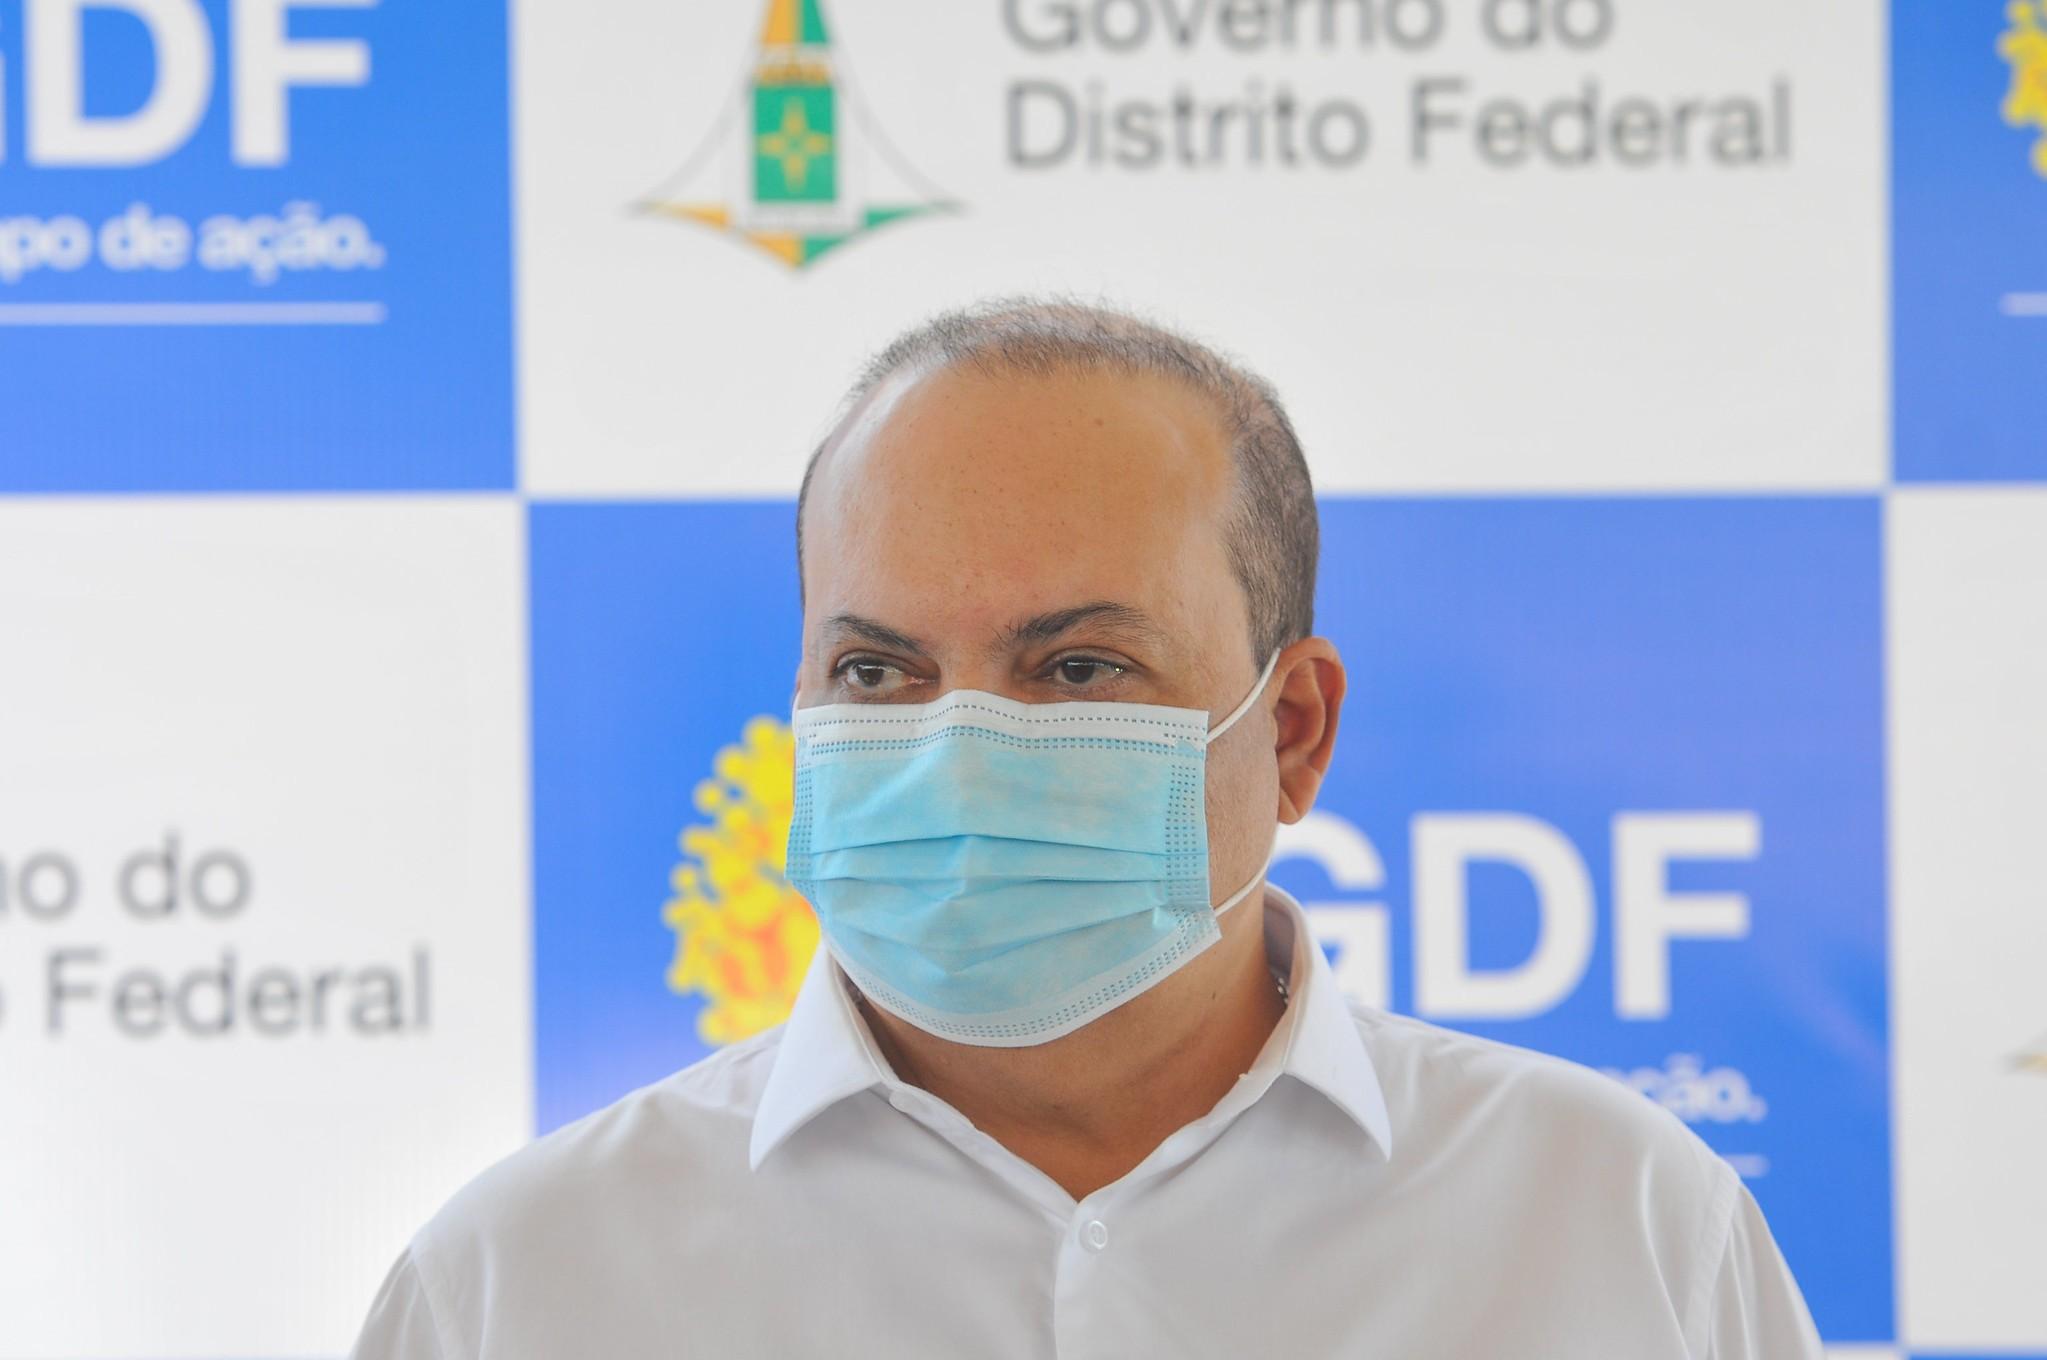 Ibaneis diz que suspeito de chacina faz polícias do DF e de Goiás 'quase como de bobas'